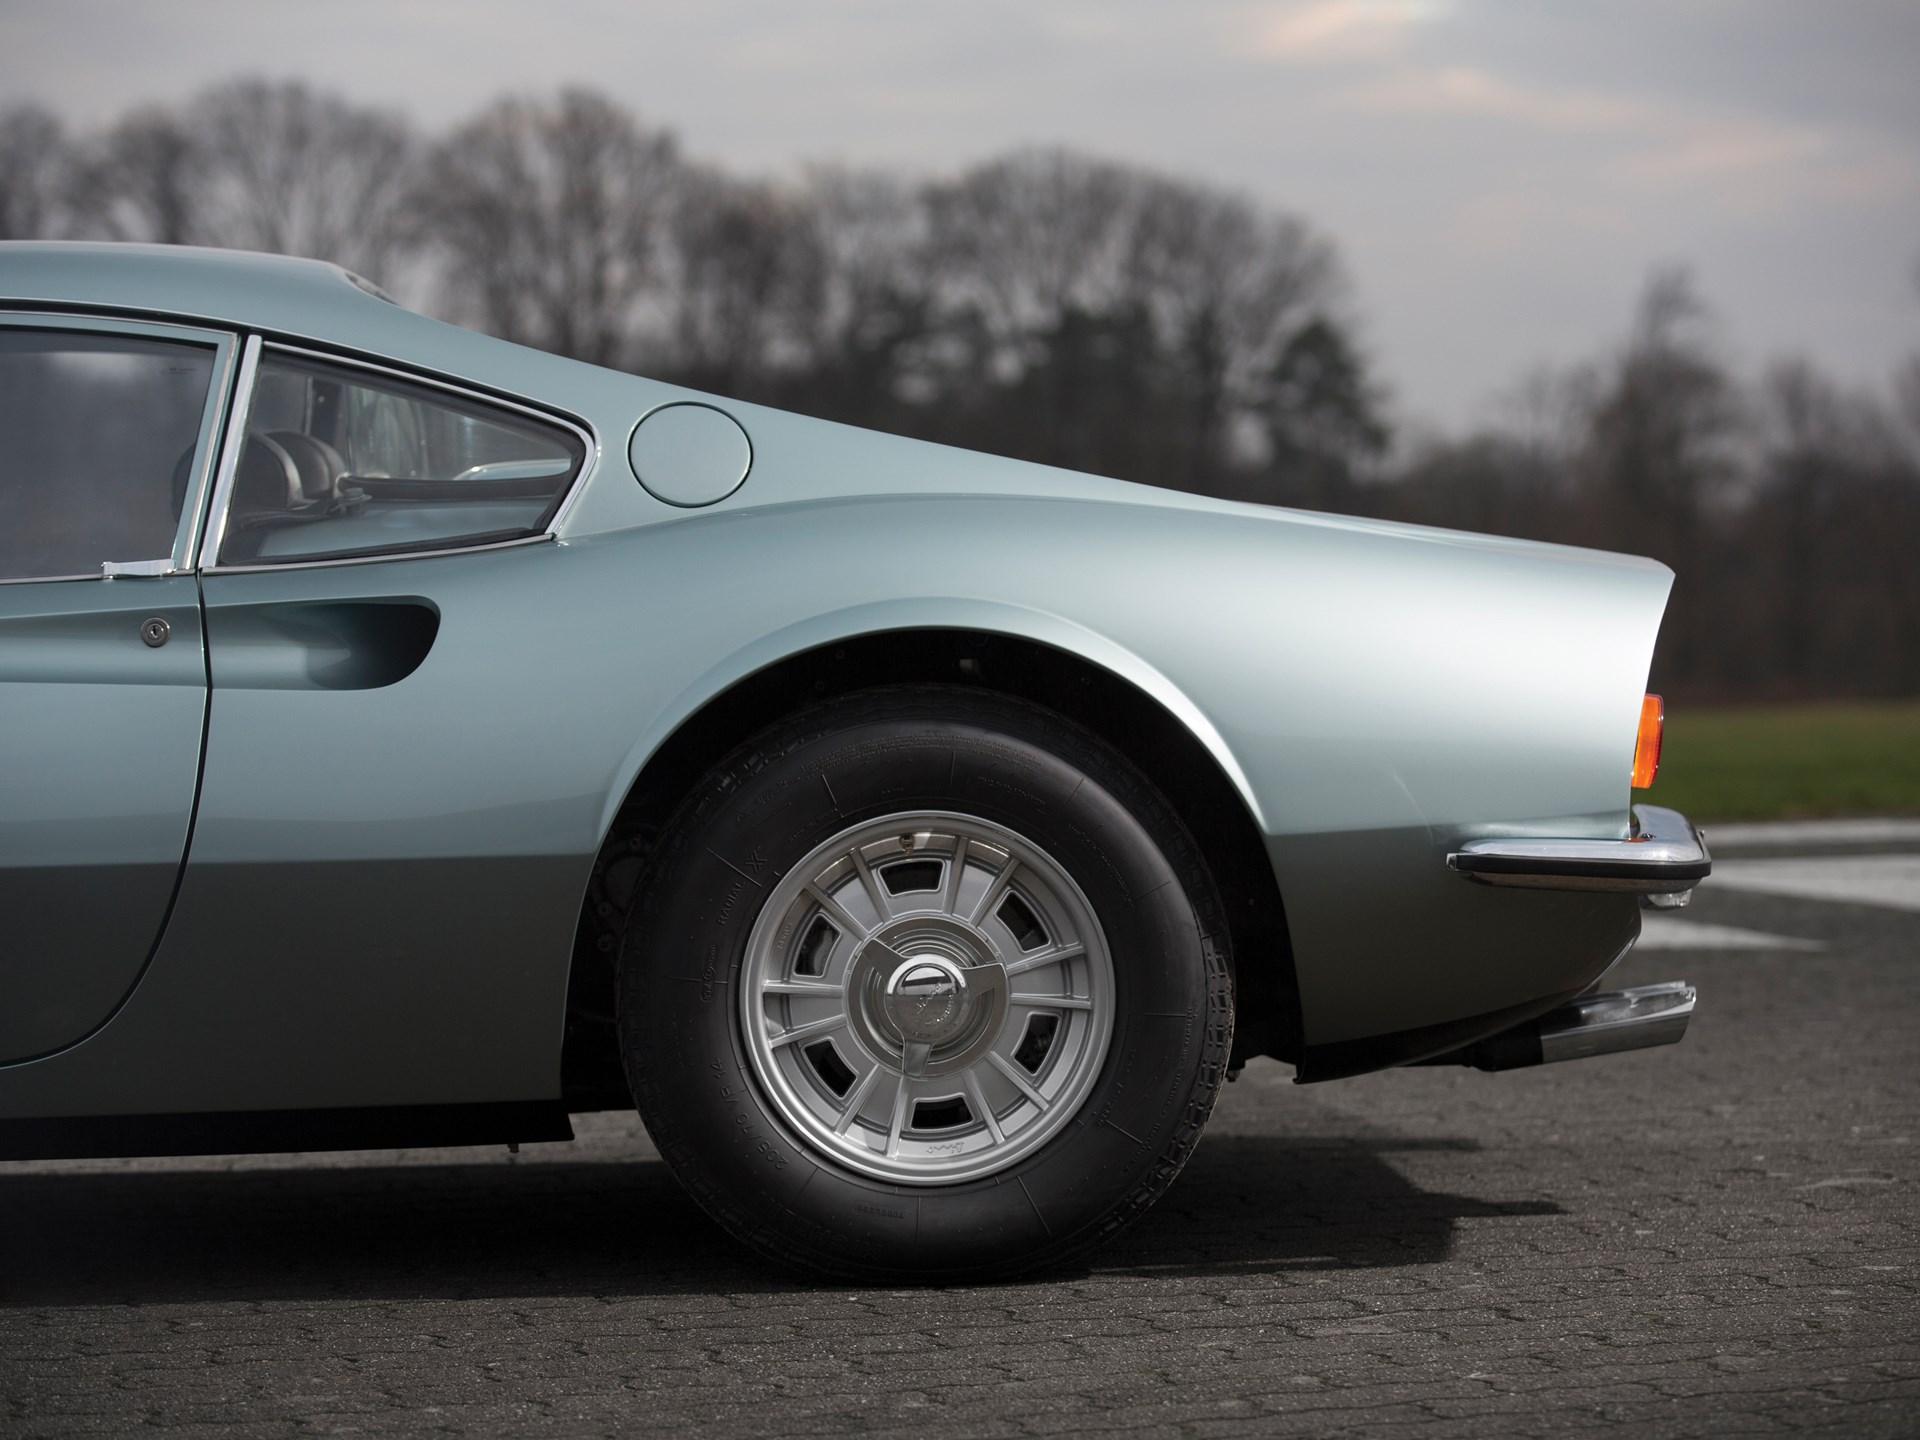 1970 Ferrari Dino 246 GT 'L-Series' by Scaglietti